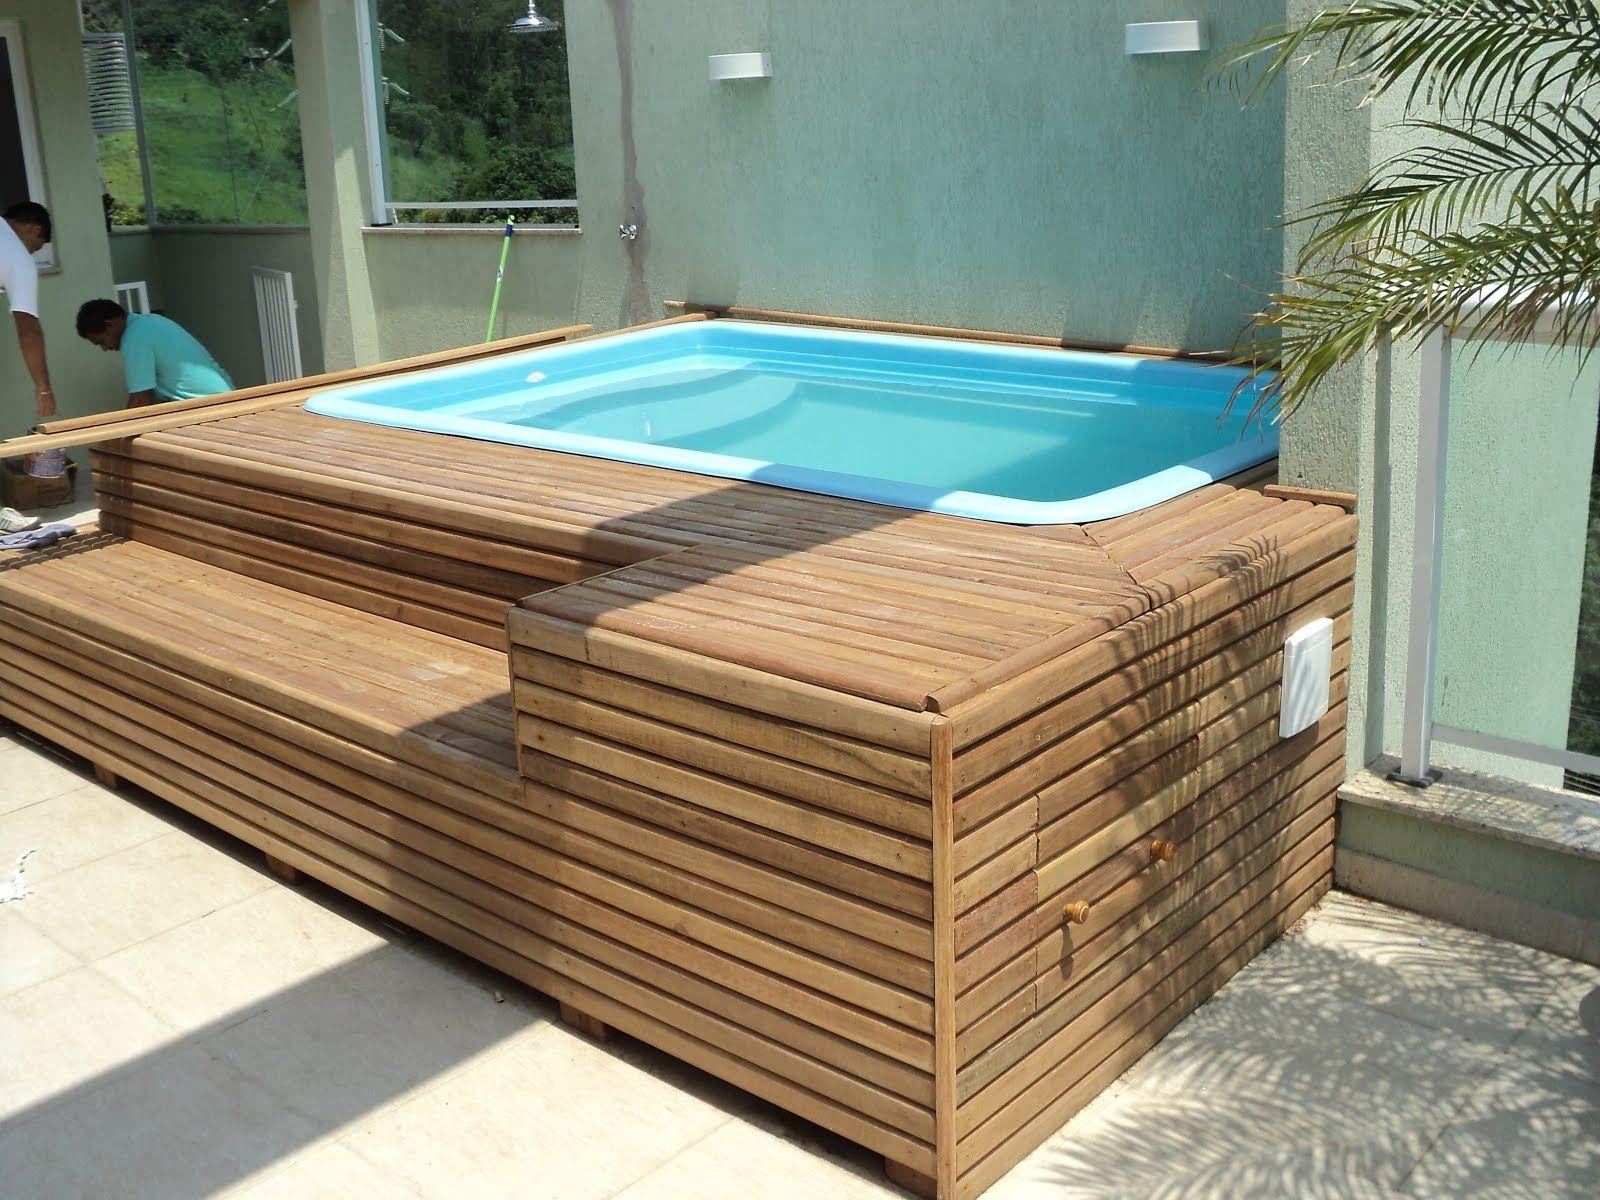 30 fotos de piscina de fibra prepare se para o ver o for Ideas para piscinas plasticas